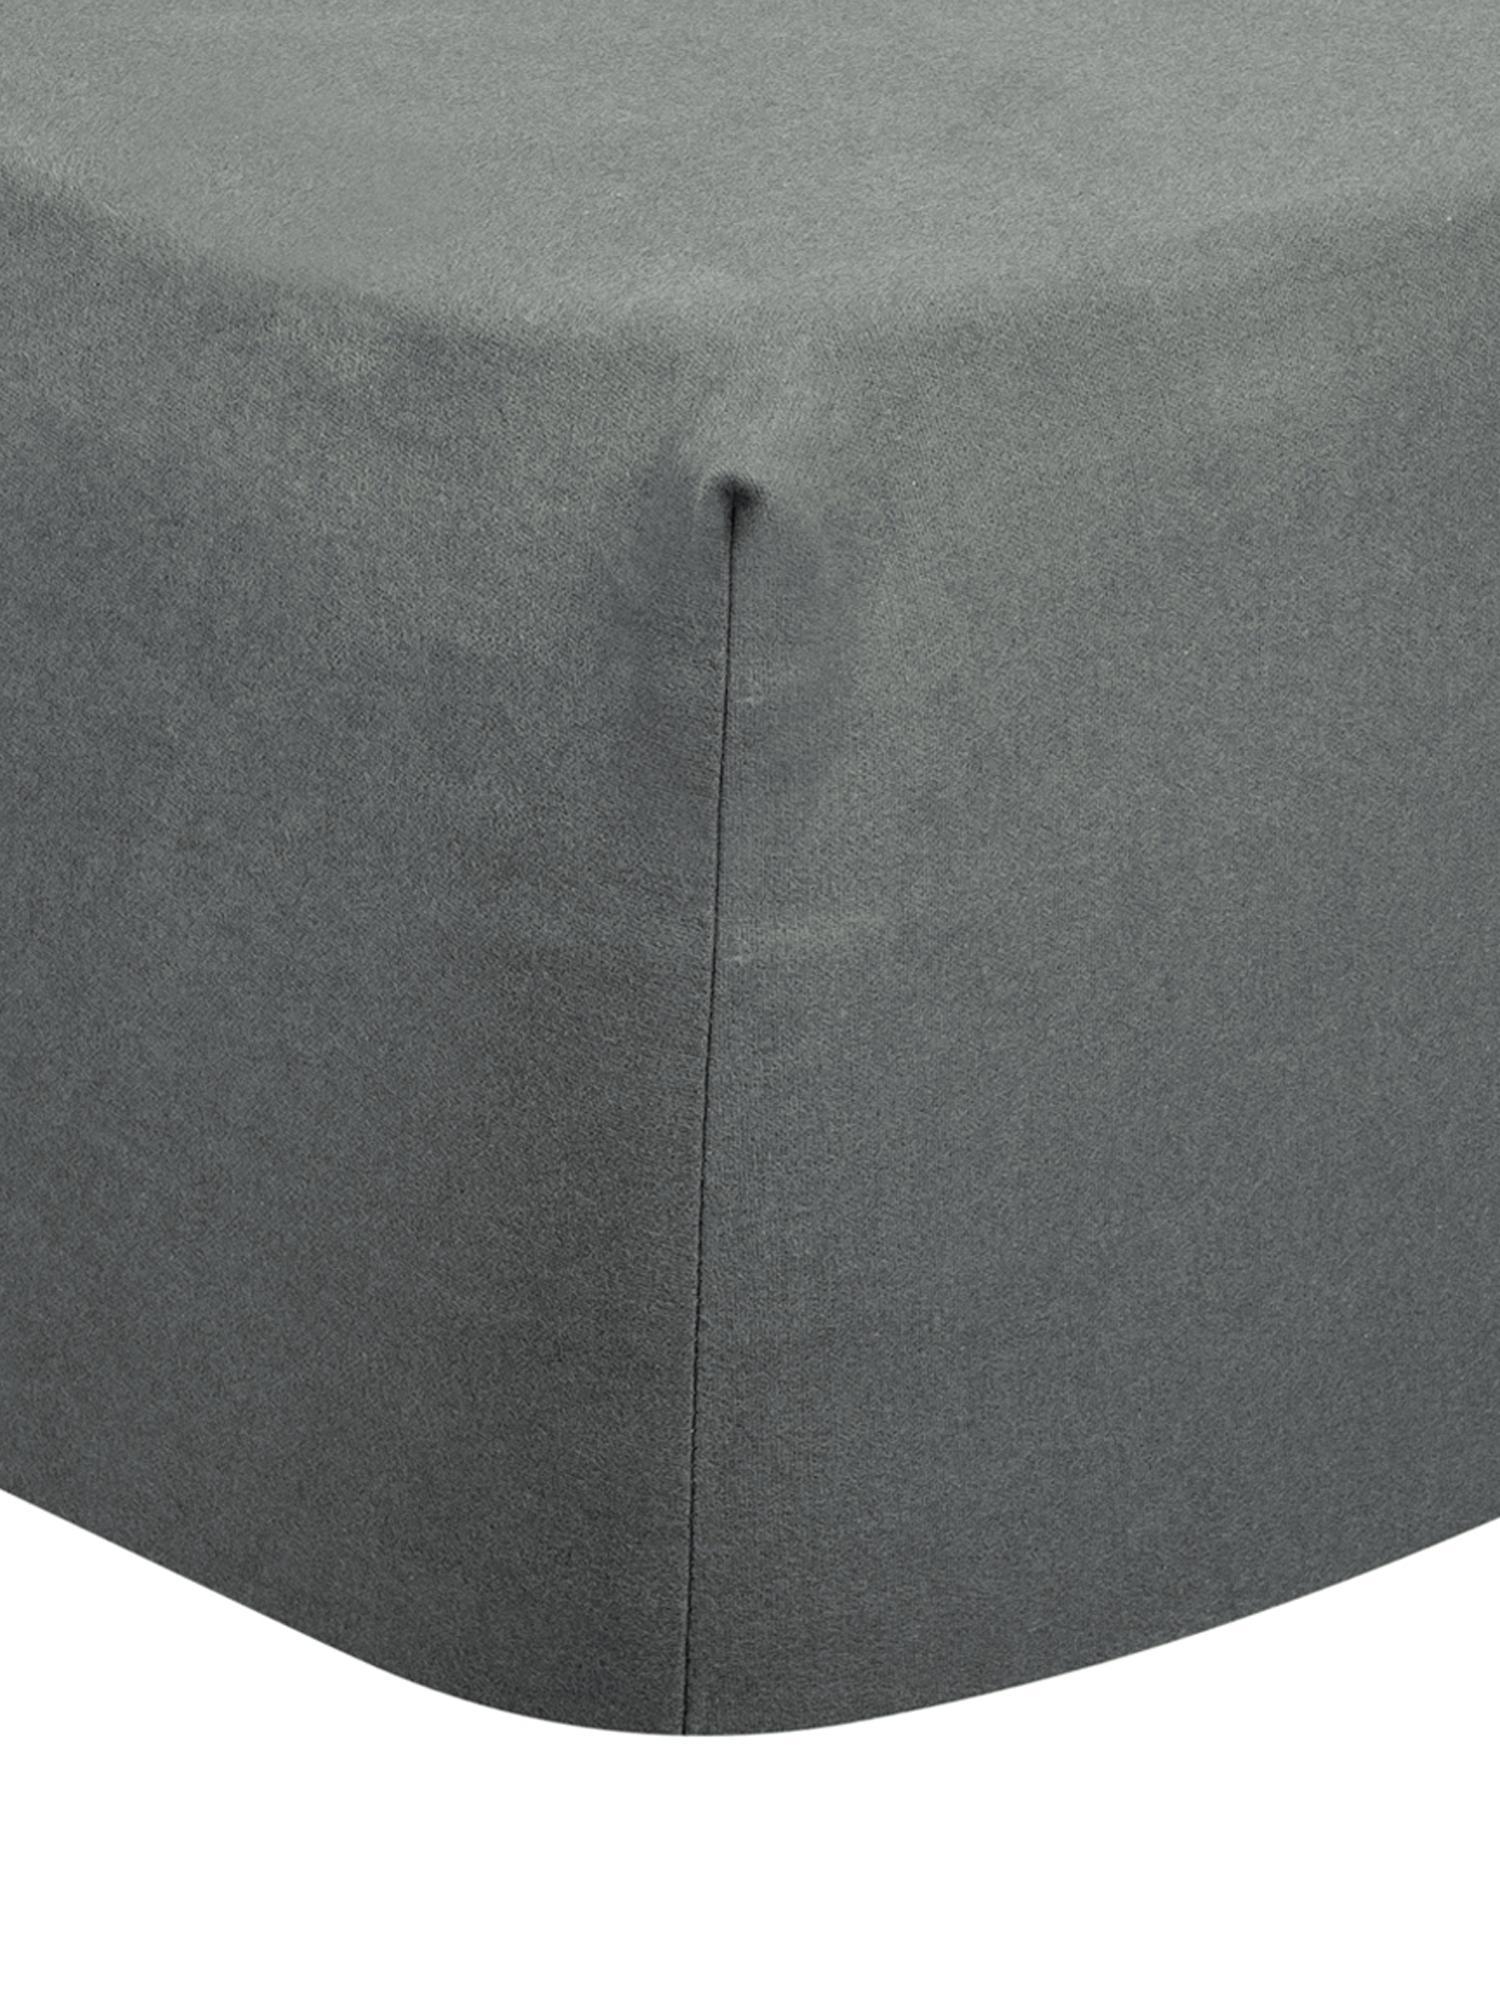 Hoeslaken Biba in donkergrijs, flanel, Weeftechniek: flanel, Donkergrijs, 90 x 200 cm